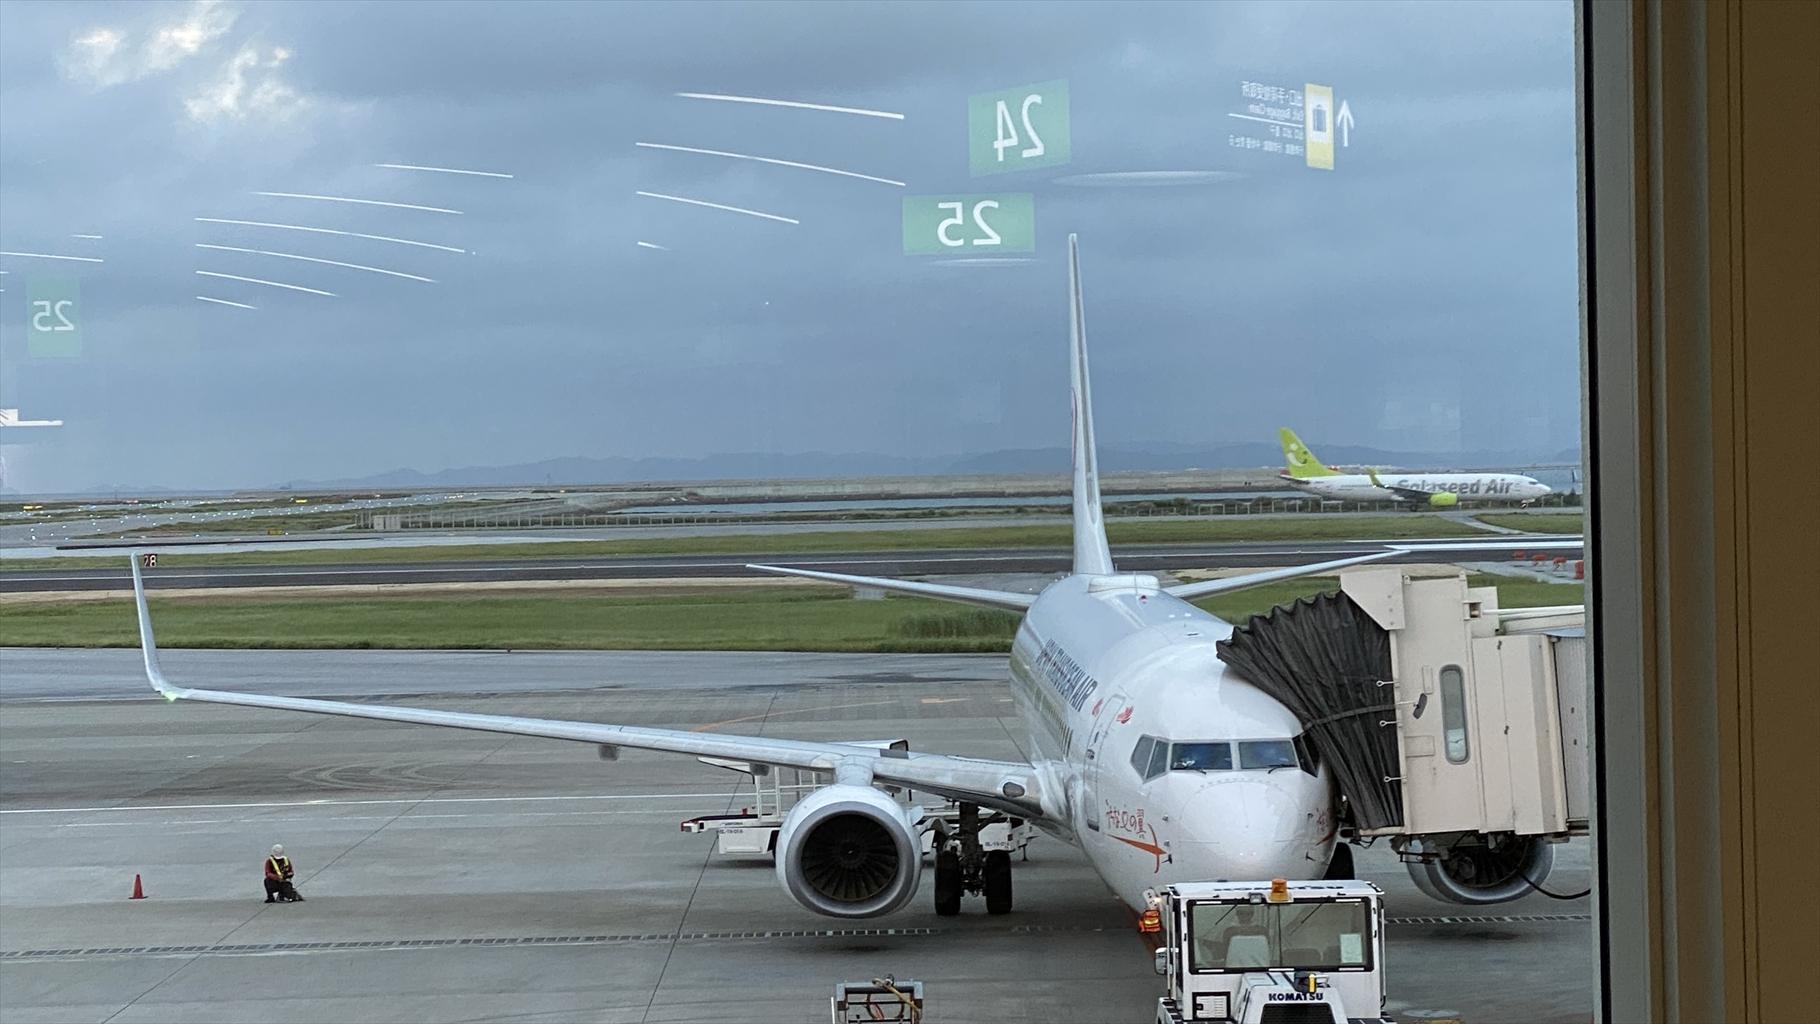 ボーイングB737-800型機 NU046 沖縄(那覇)~中部(名古屋) クラスJ搭乗記 01JUN21